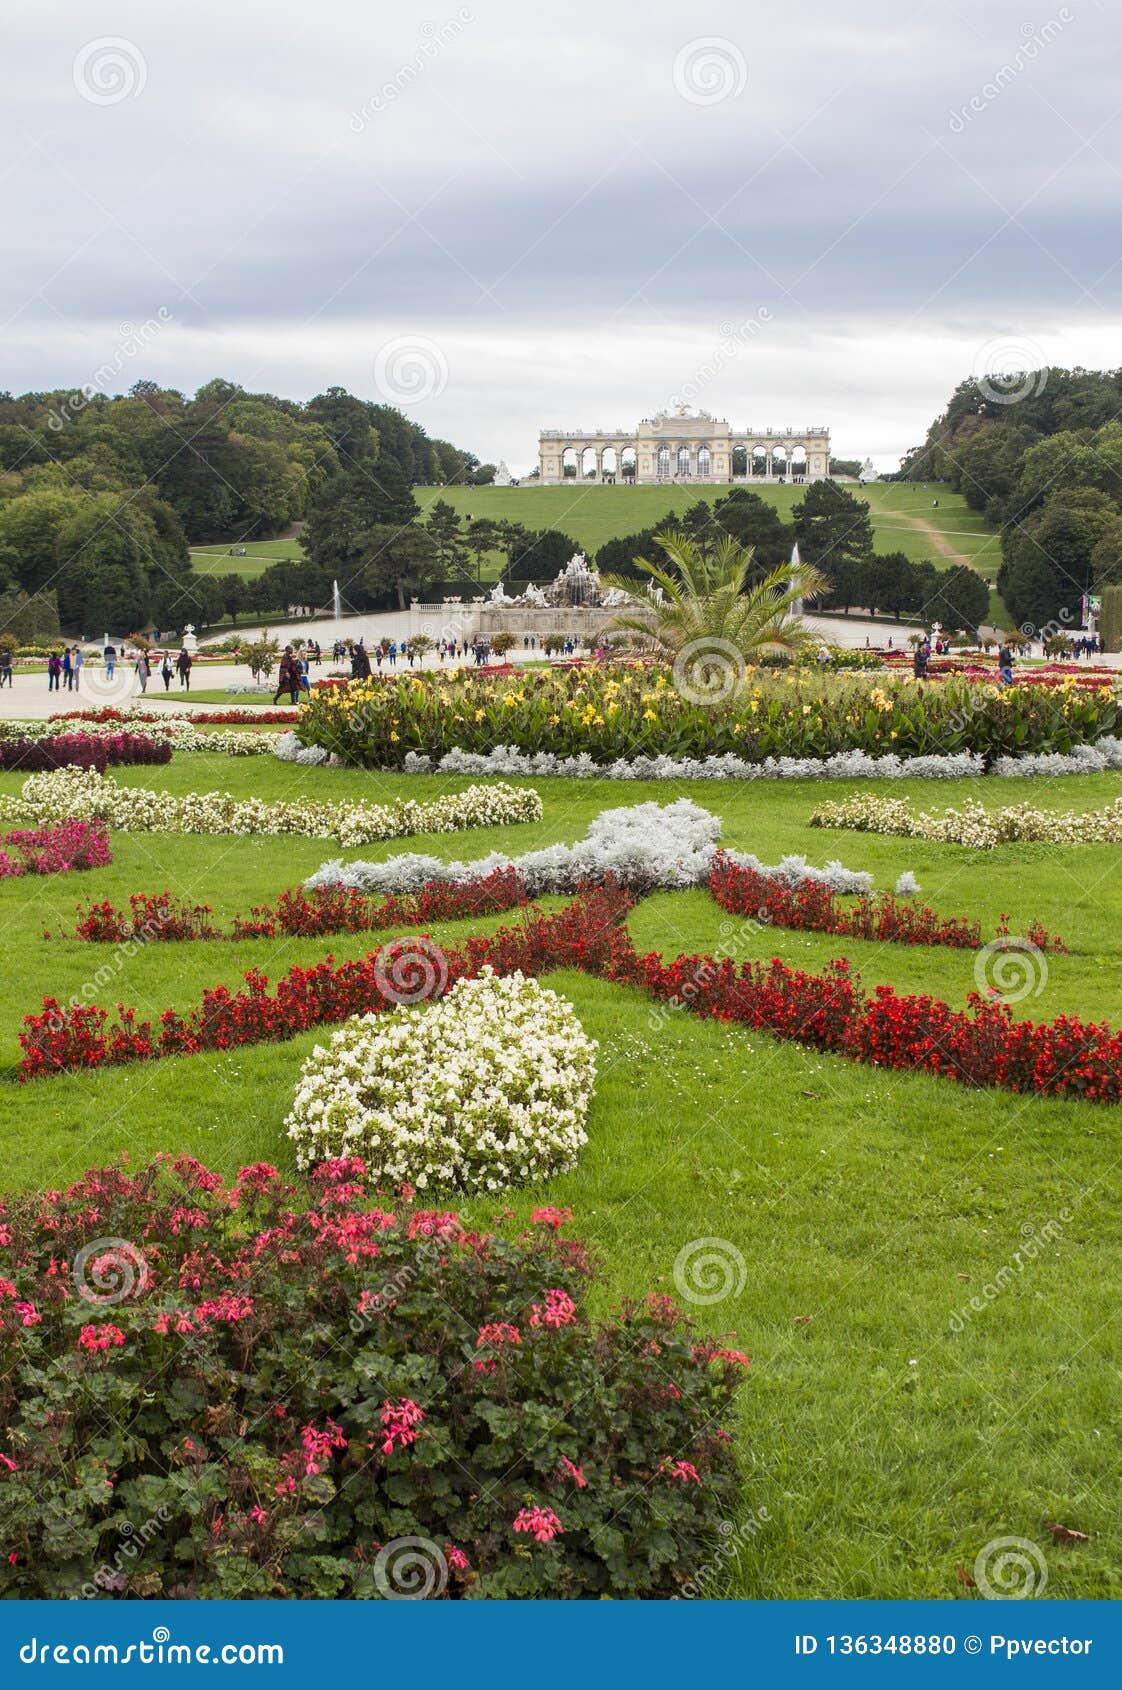 Schonbrunn Palace Gardens